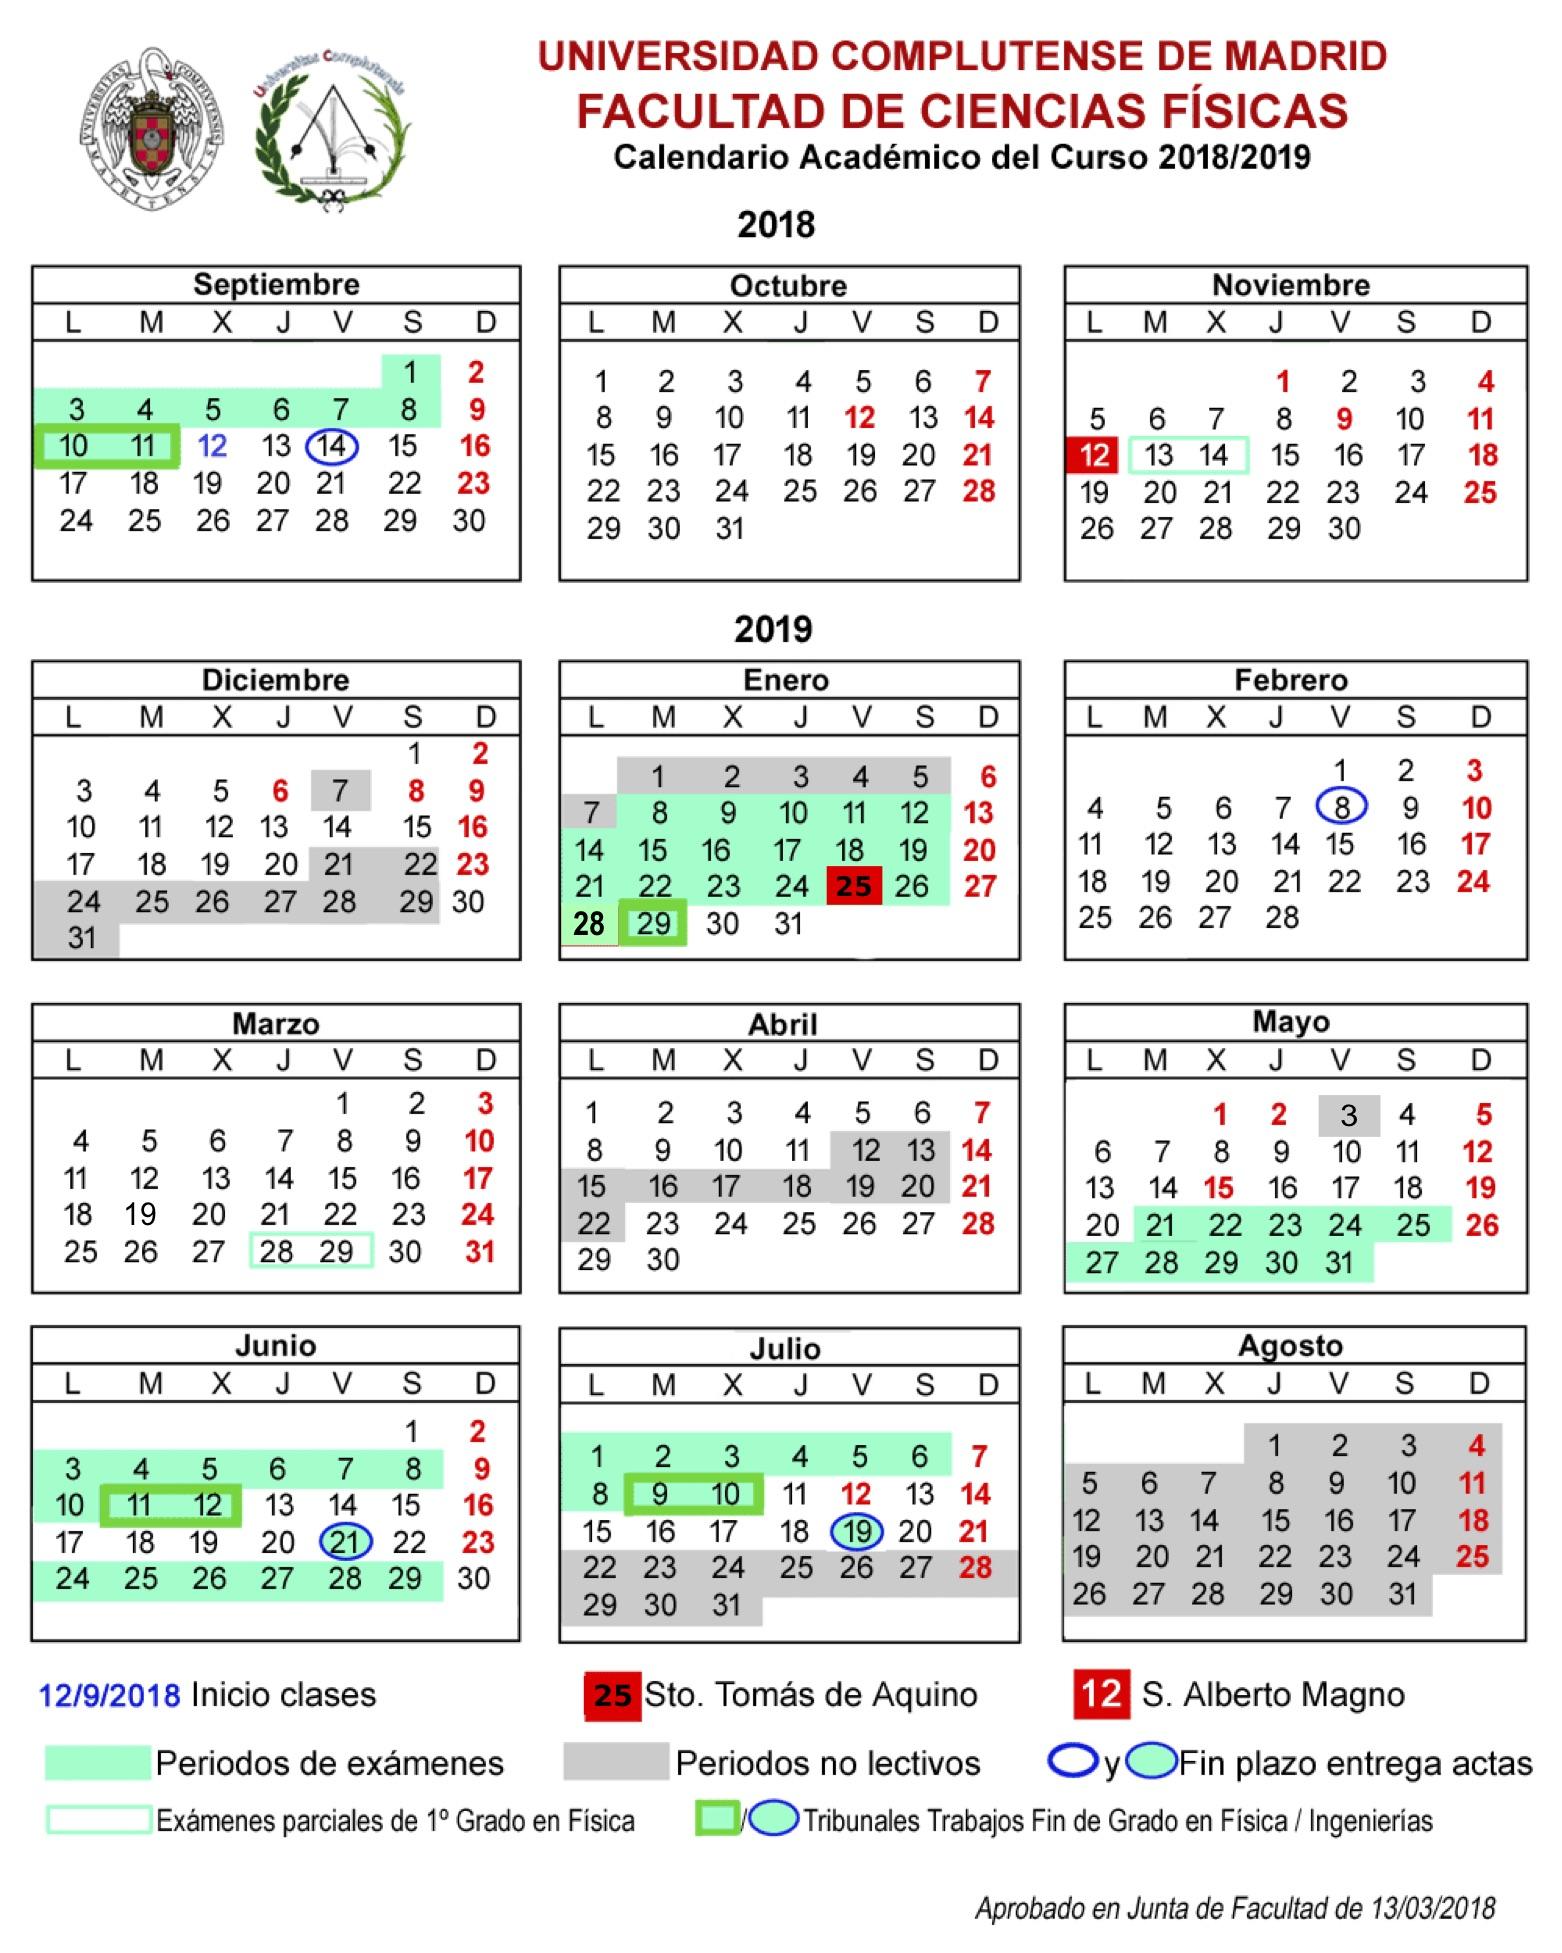 Calendario De Examenes.Facultad De Ciencias Fisicas